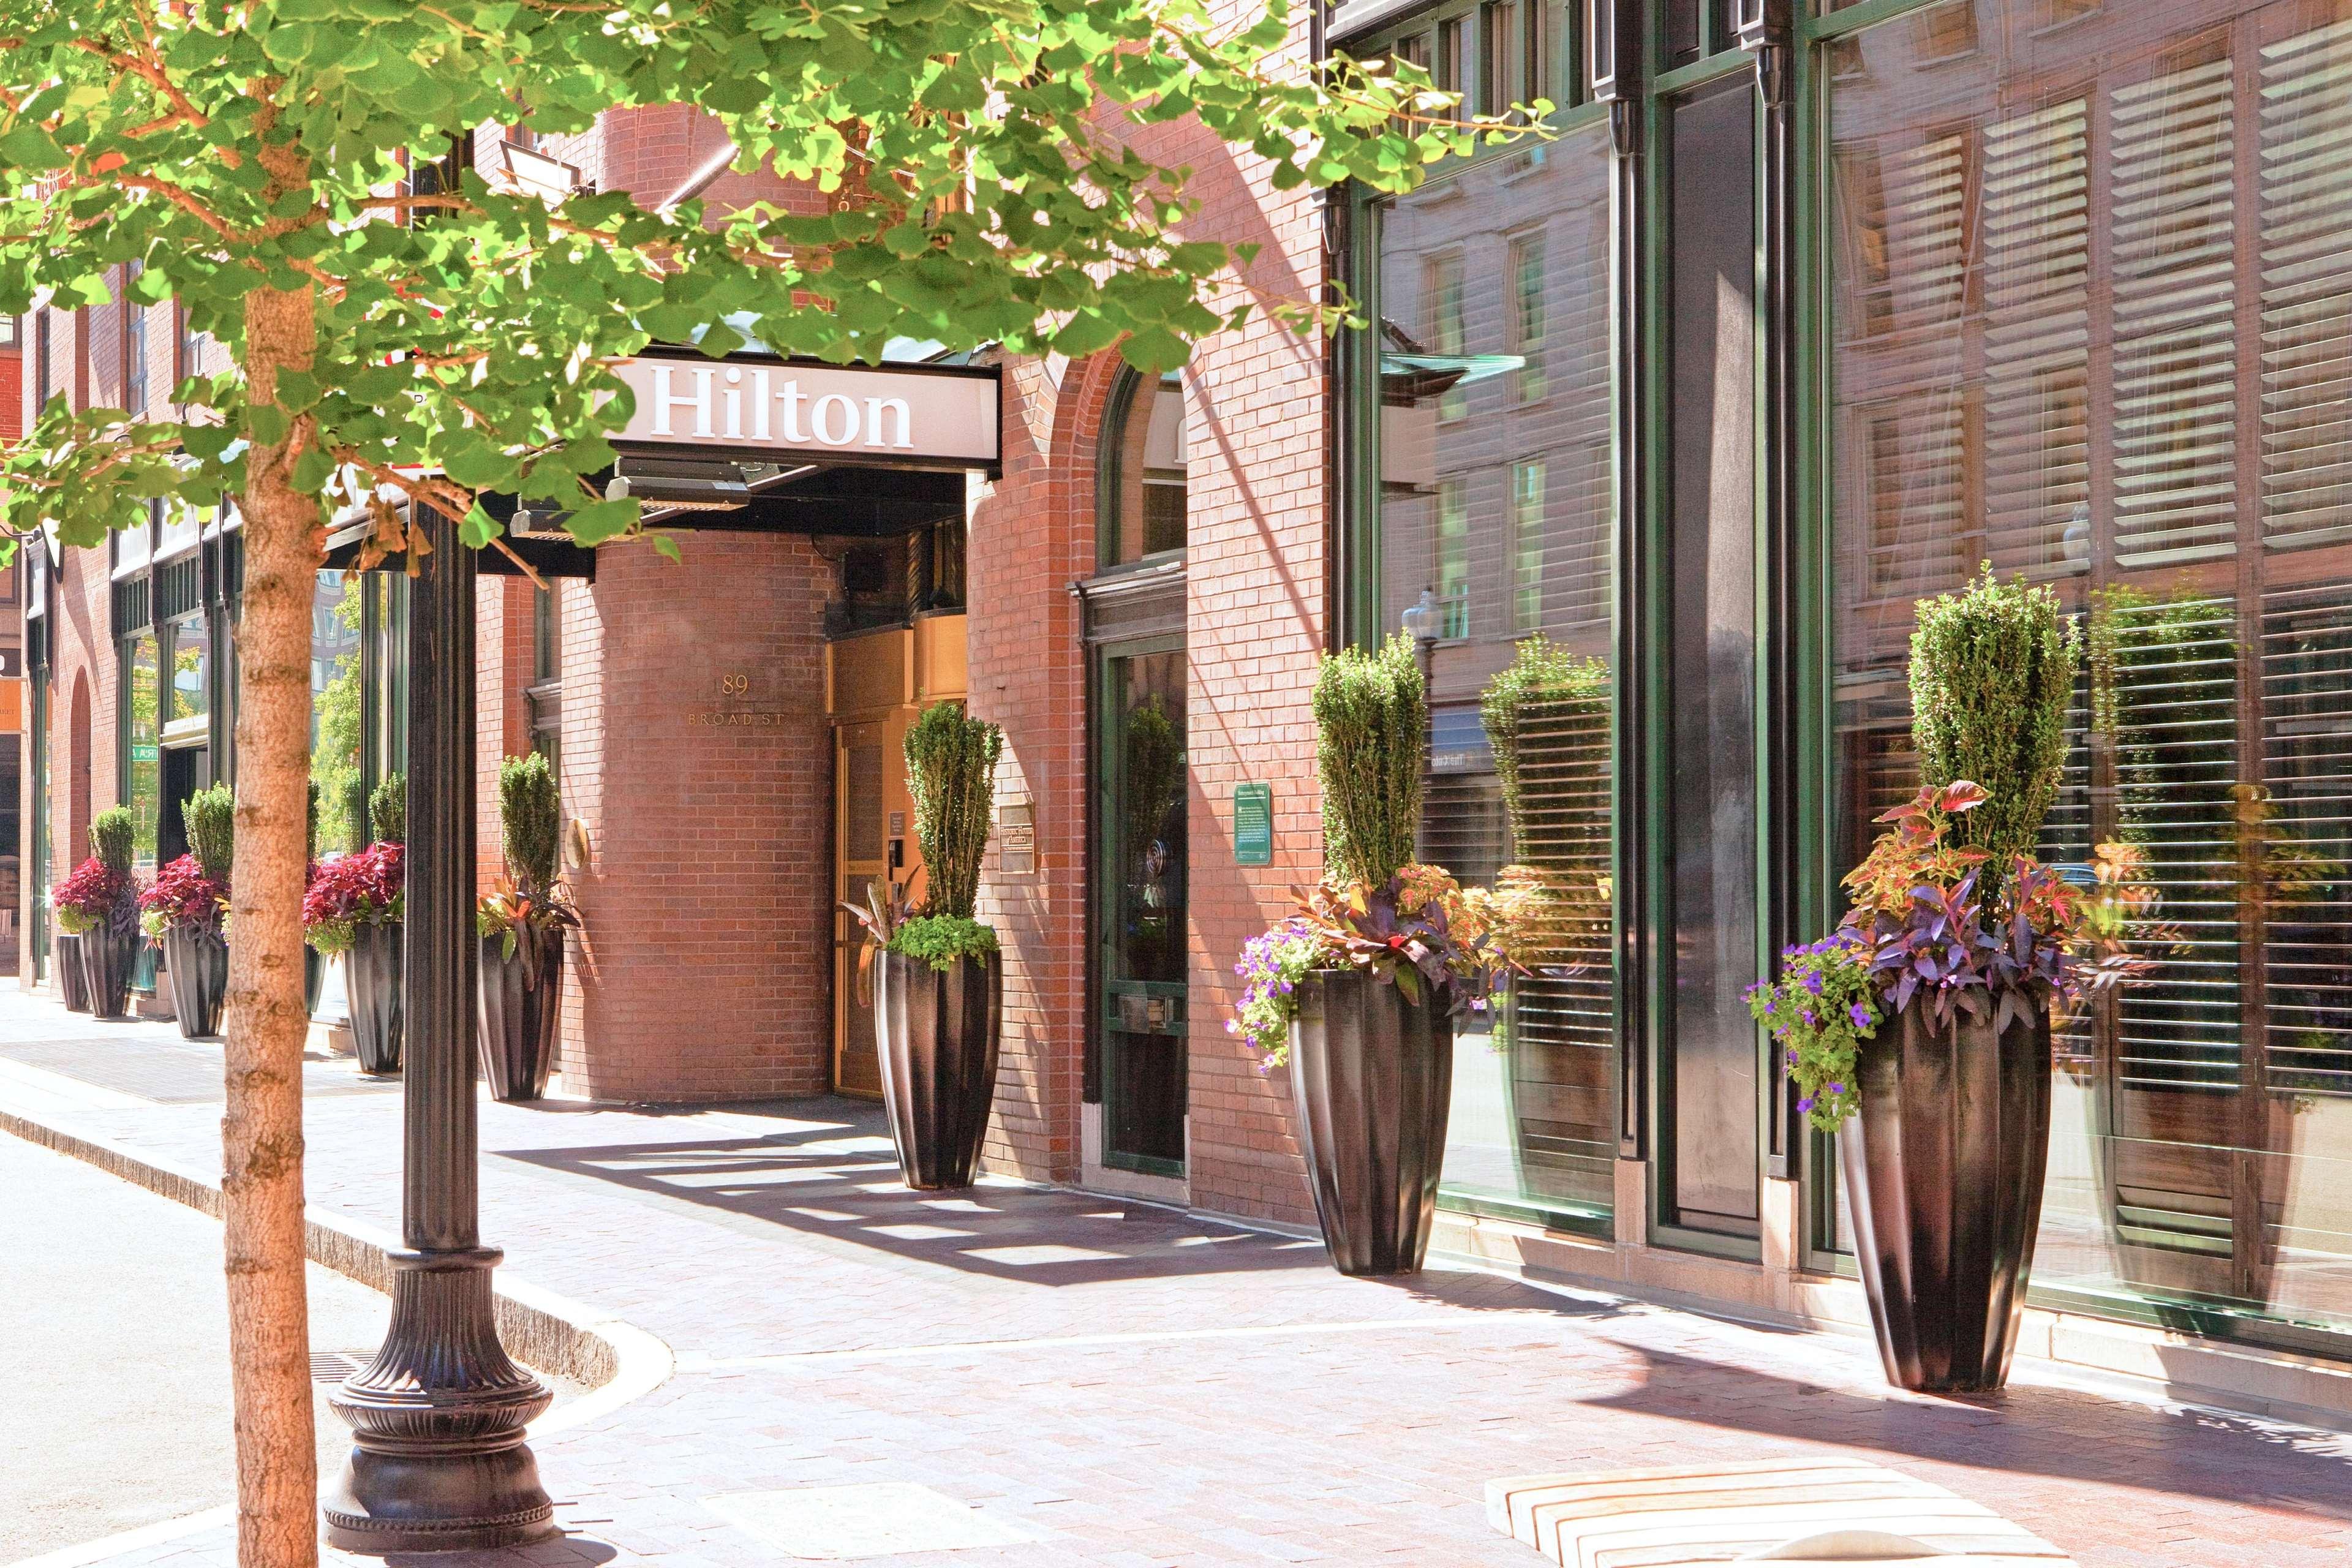 Hilton Hotel Near Faneuil Hall